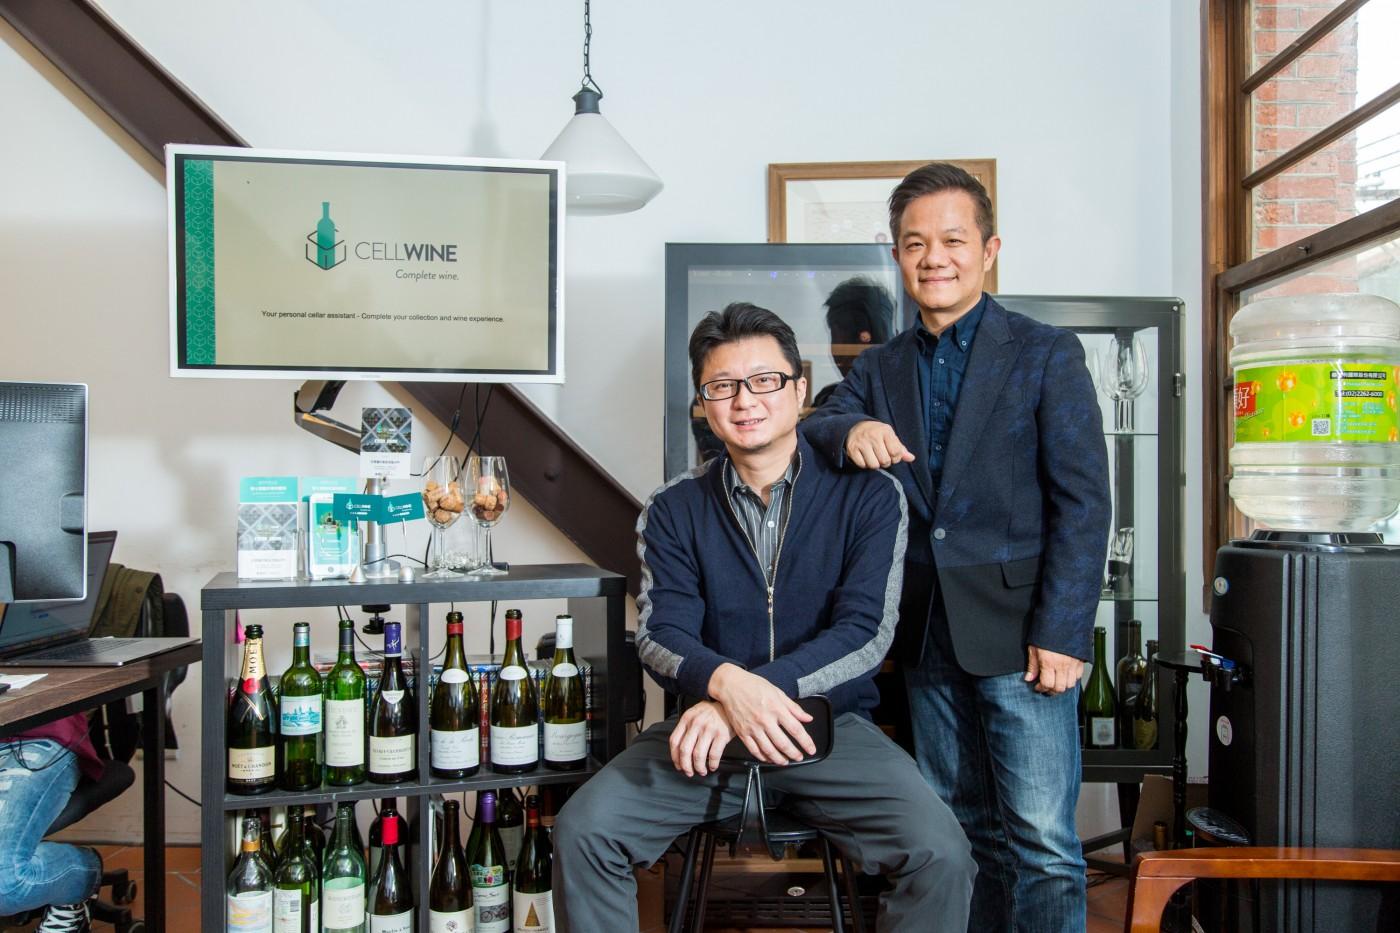 愛上葡萄酒的台灣大叔,如何用智慧酒窖App開啟第二人生